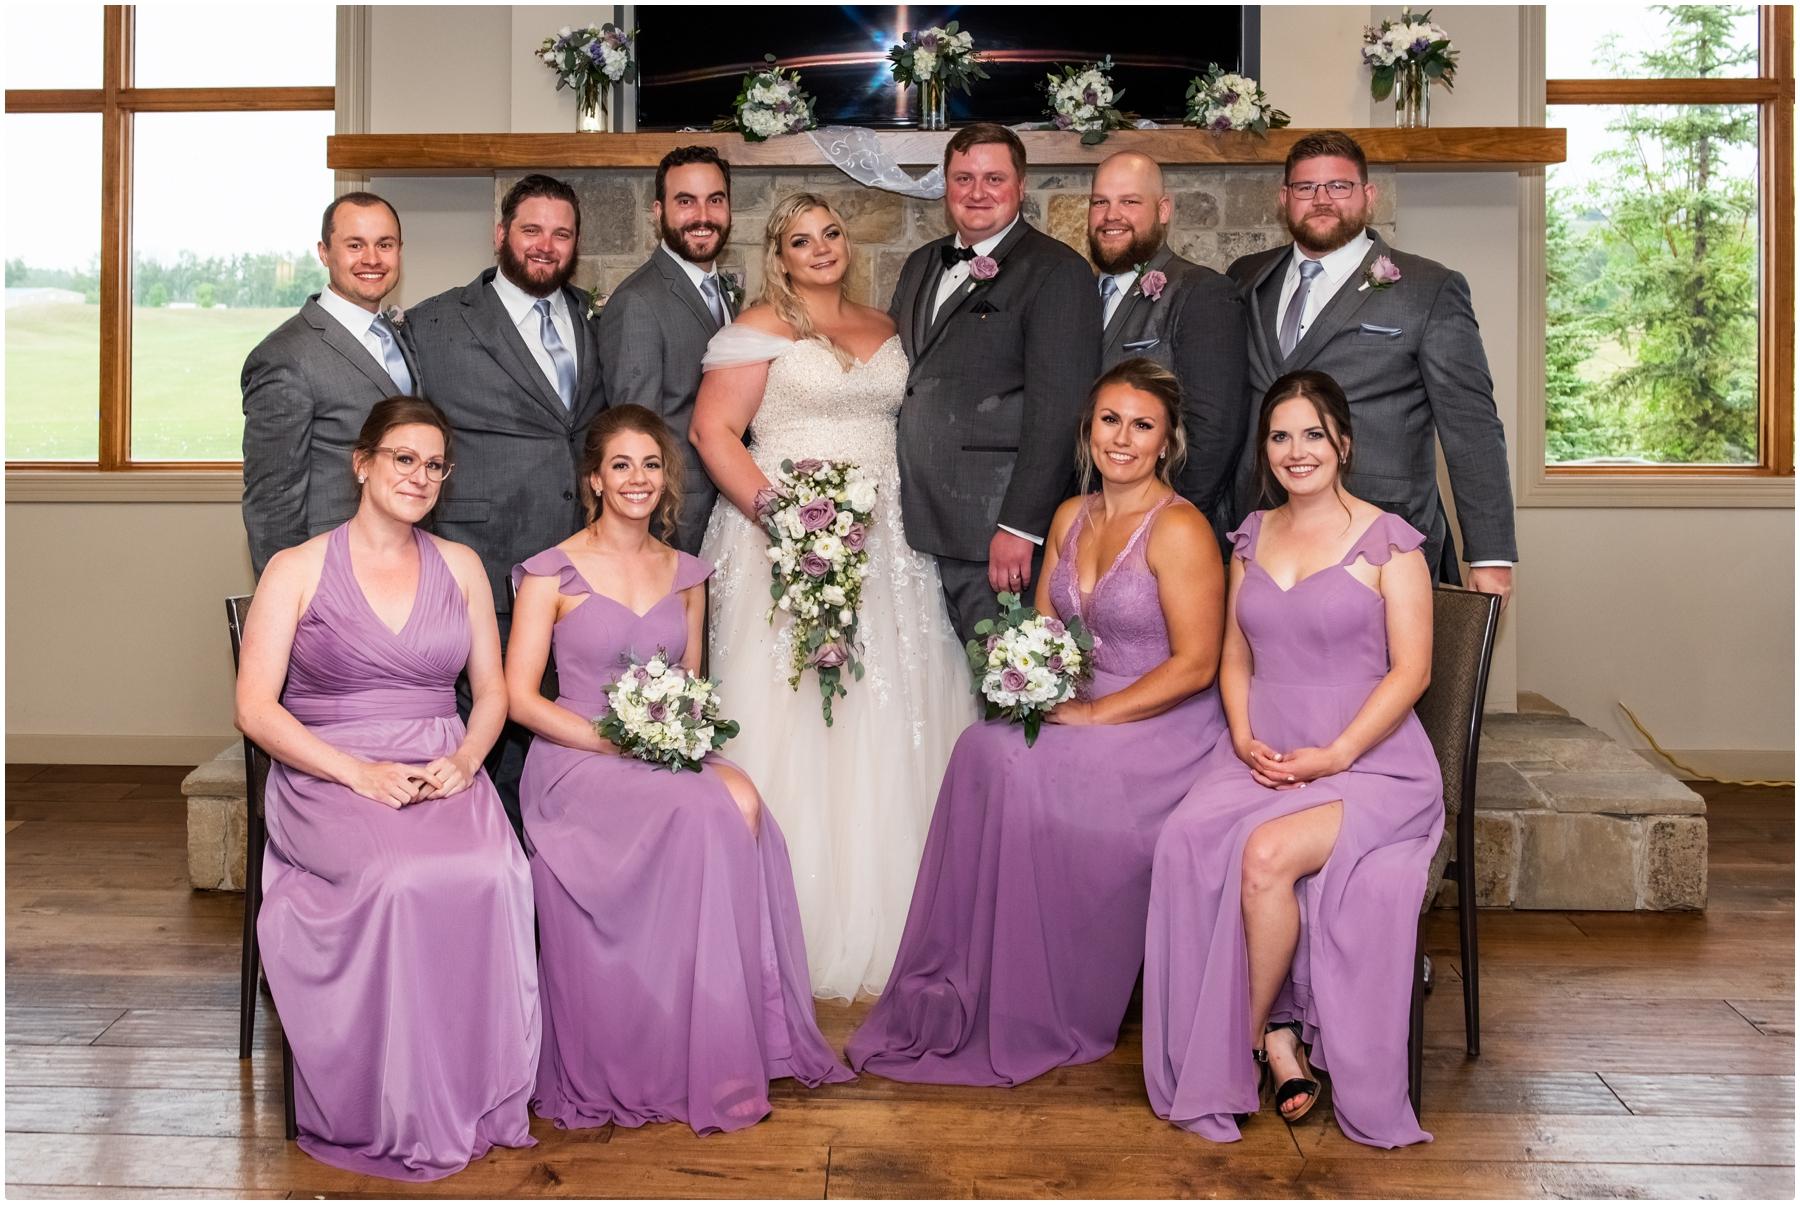 Golf Course Wedding Venue - Wedding Party Photos